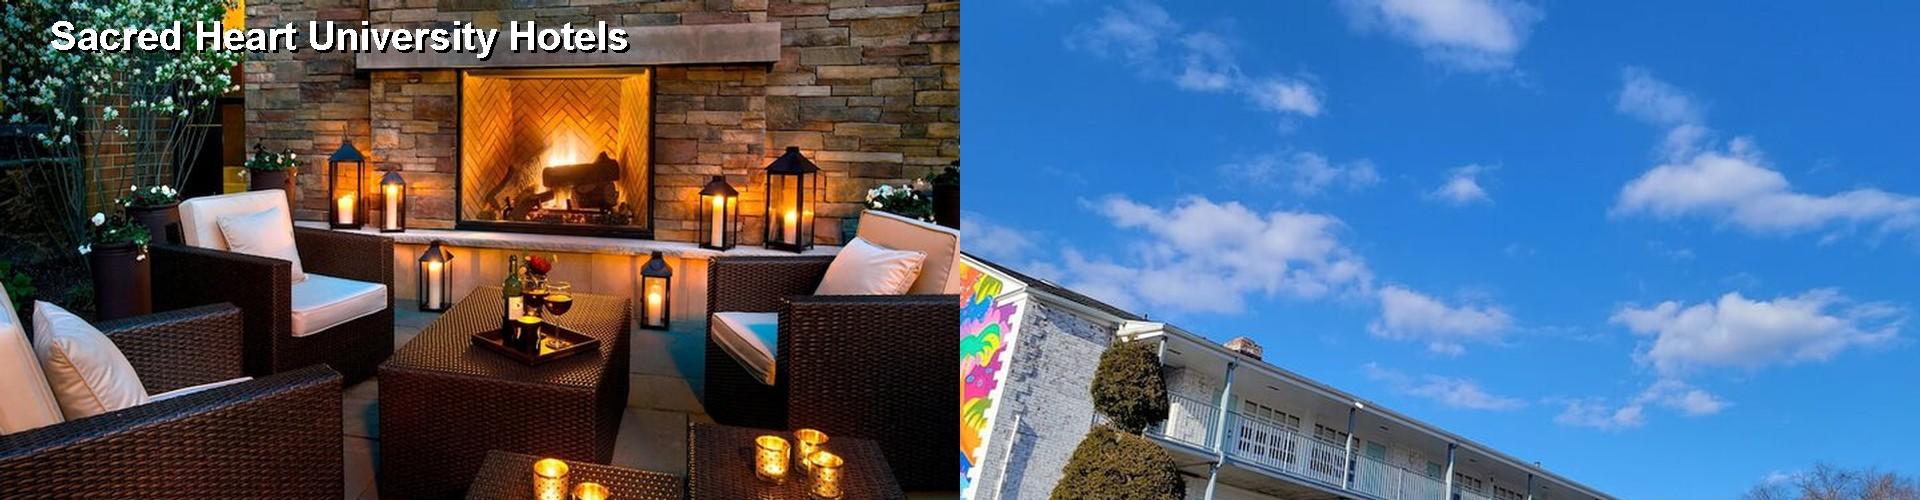 5 Best Hotels Near Sacred Heart University